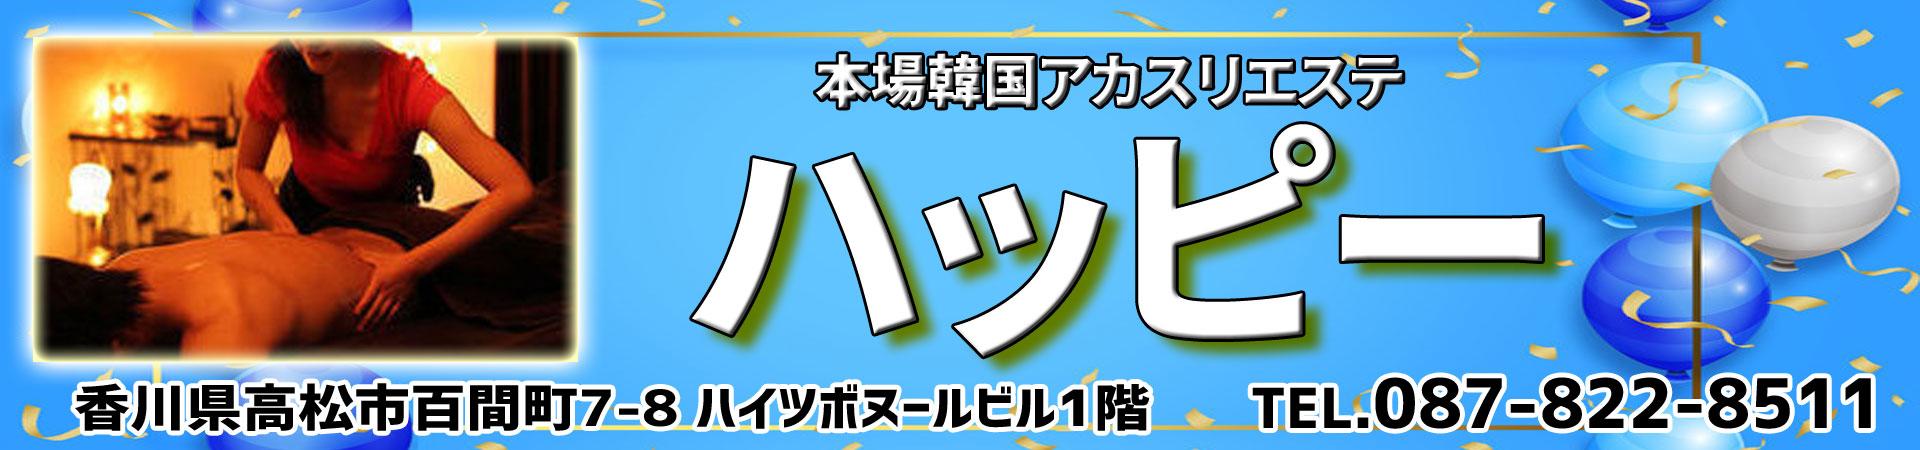 【ハッピー】香川/高松